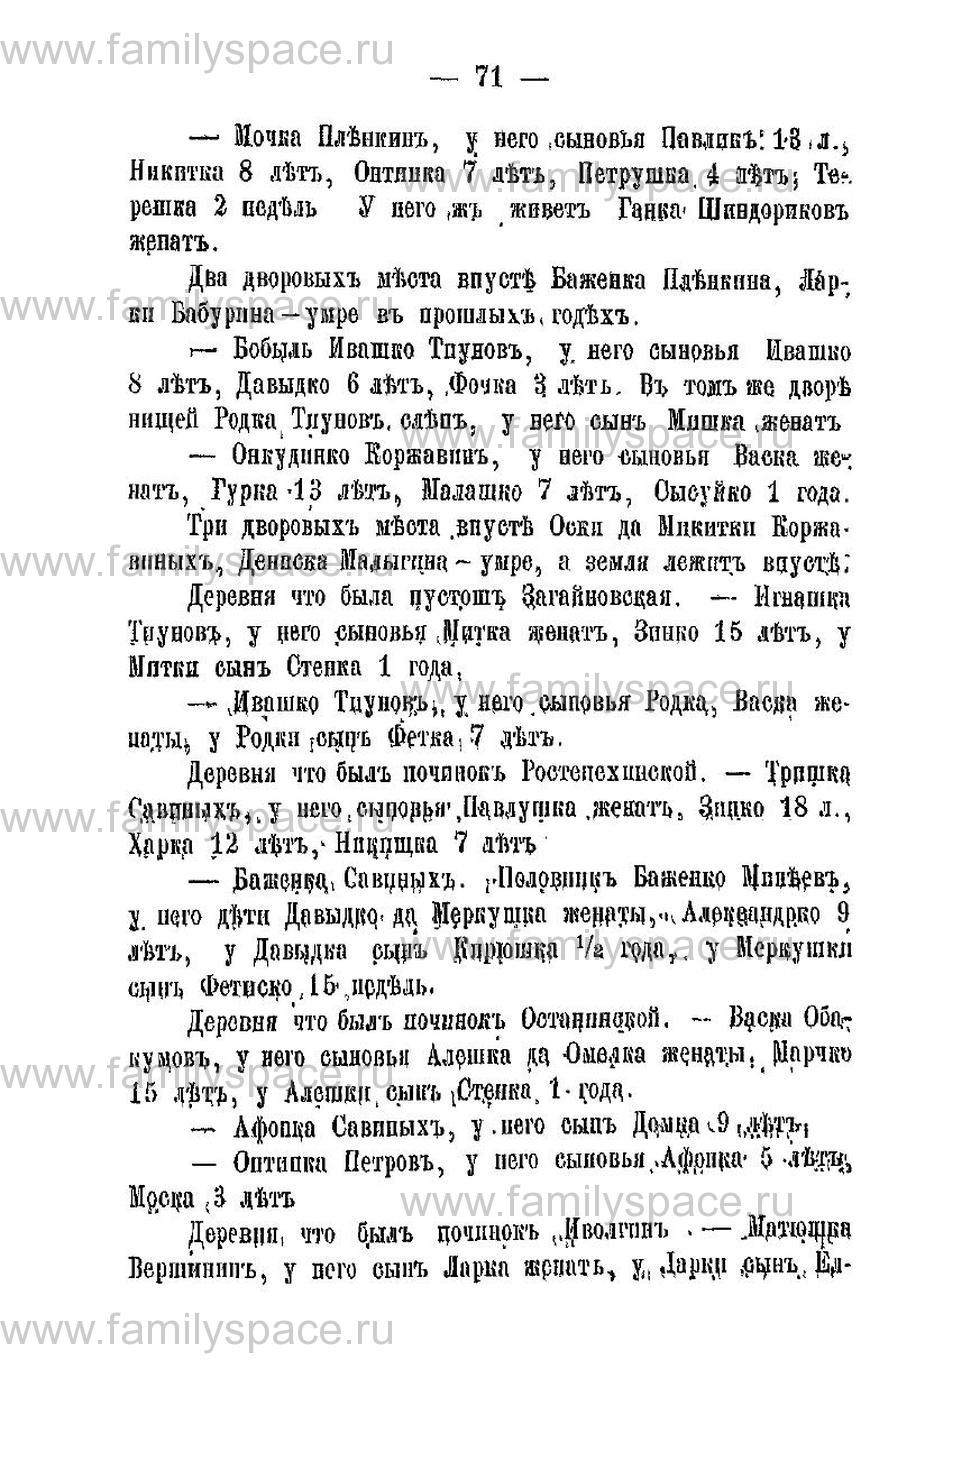 Поиск по фамилии - Переписная книга Орлова и волостей 1678 г, страница 67